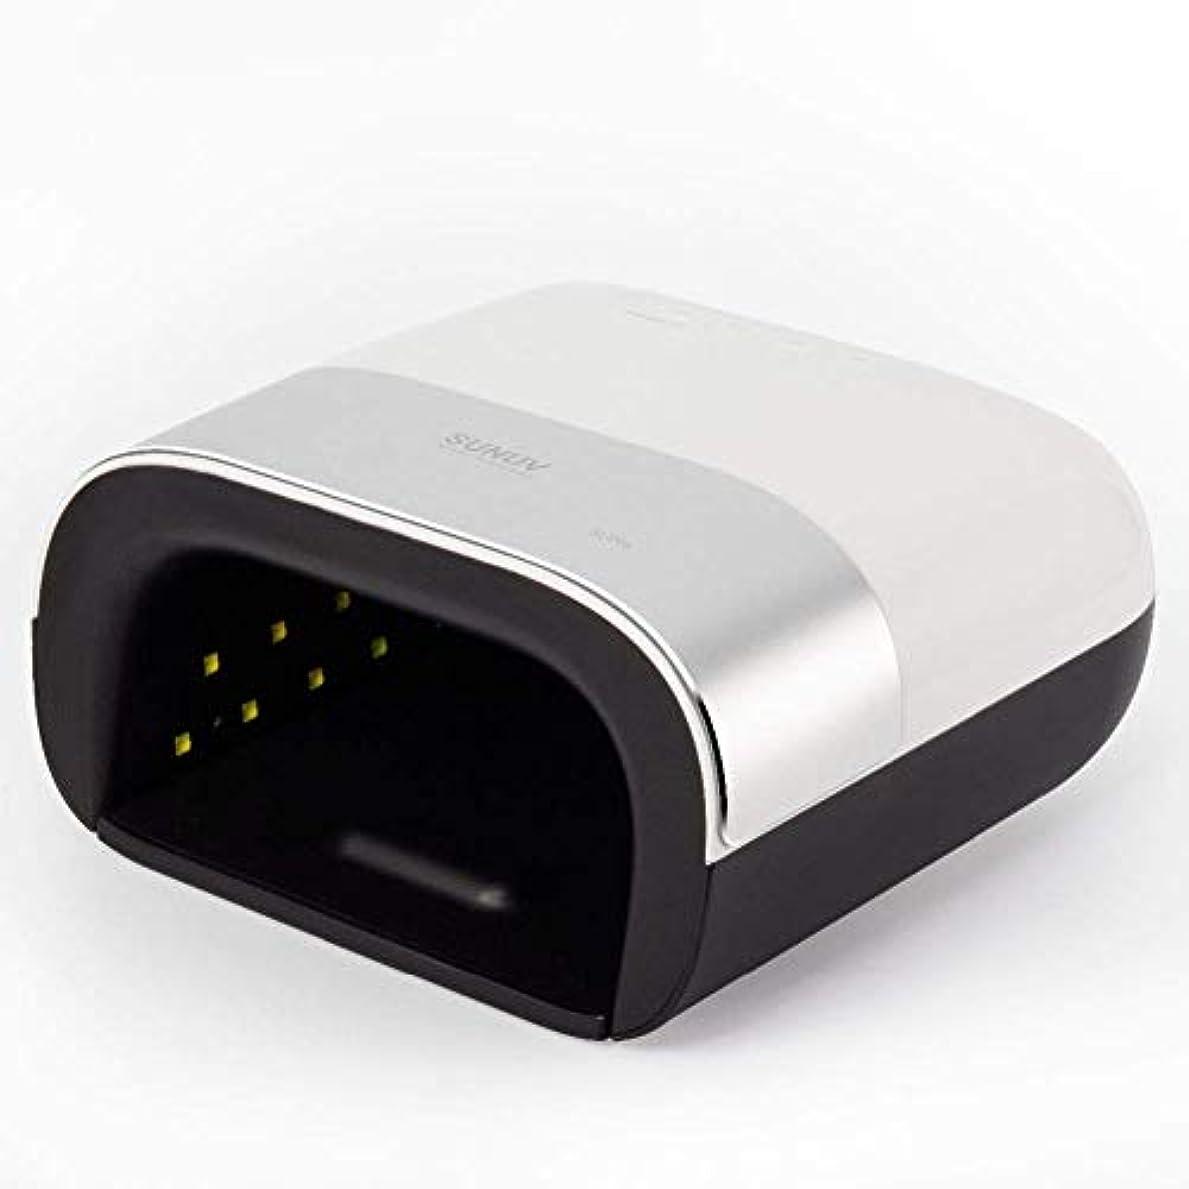 ランタンゴルフ警官ネイルドライヤーネイルドライヤースマート2.0 48W UV LEDランプネイルスマートタイマーメモリ見えないデジタルタイマーディスプレイネイル乾燥機、画像としての色